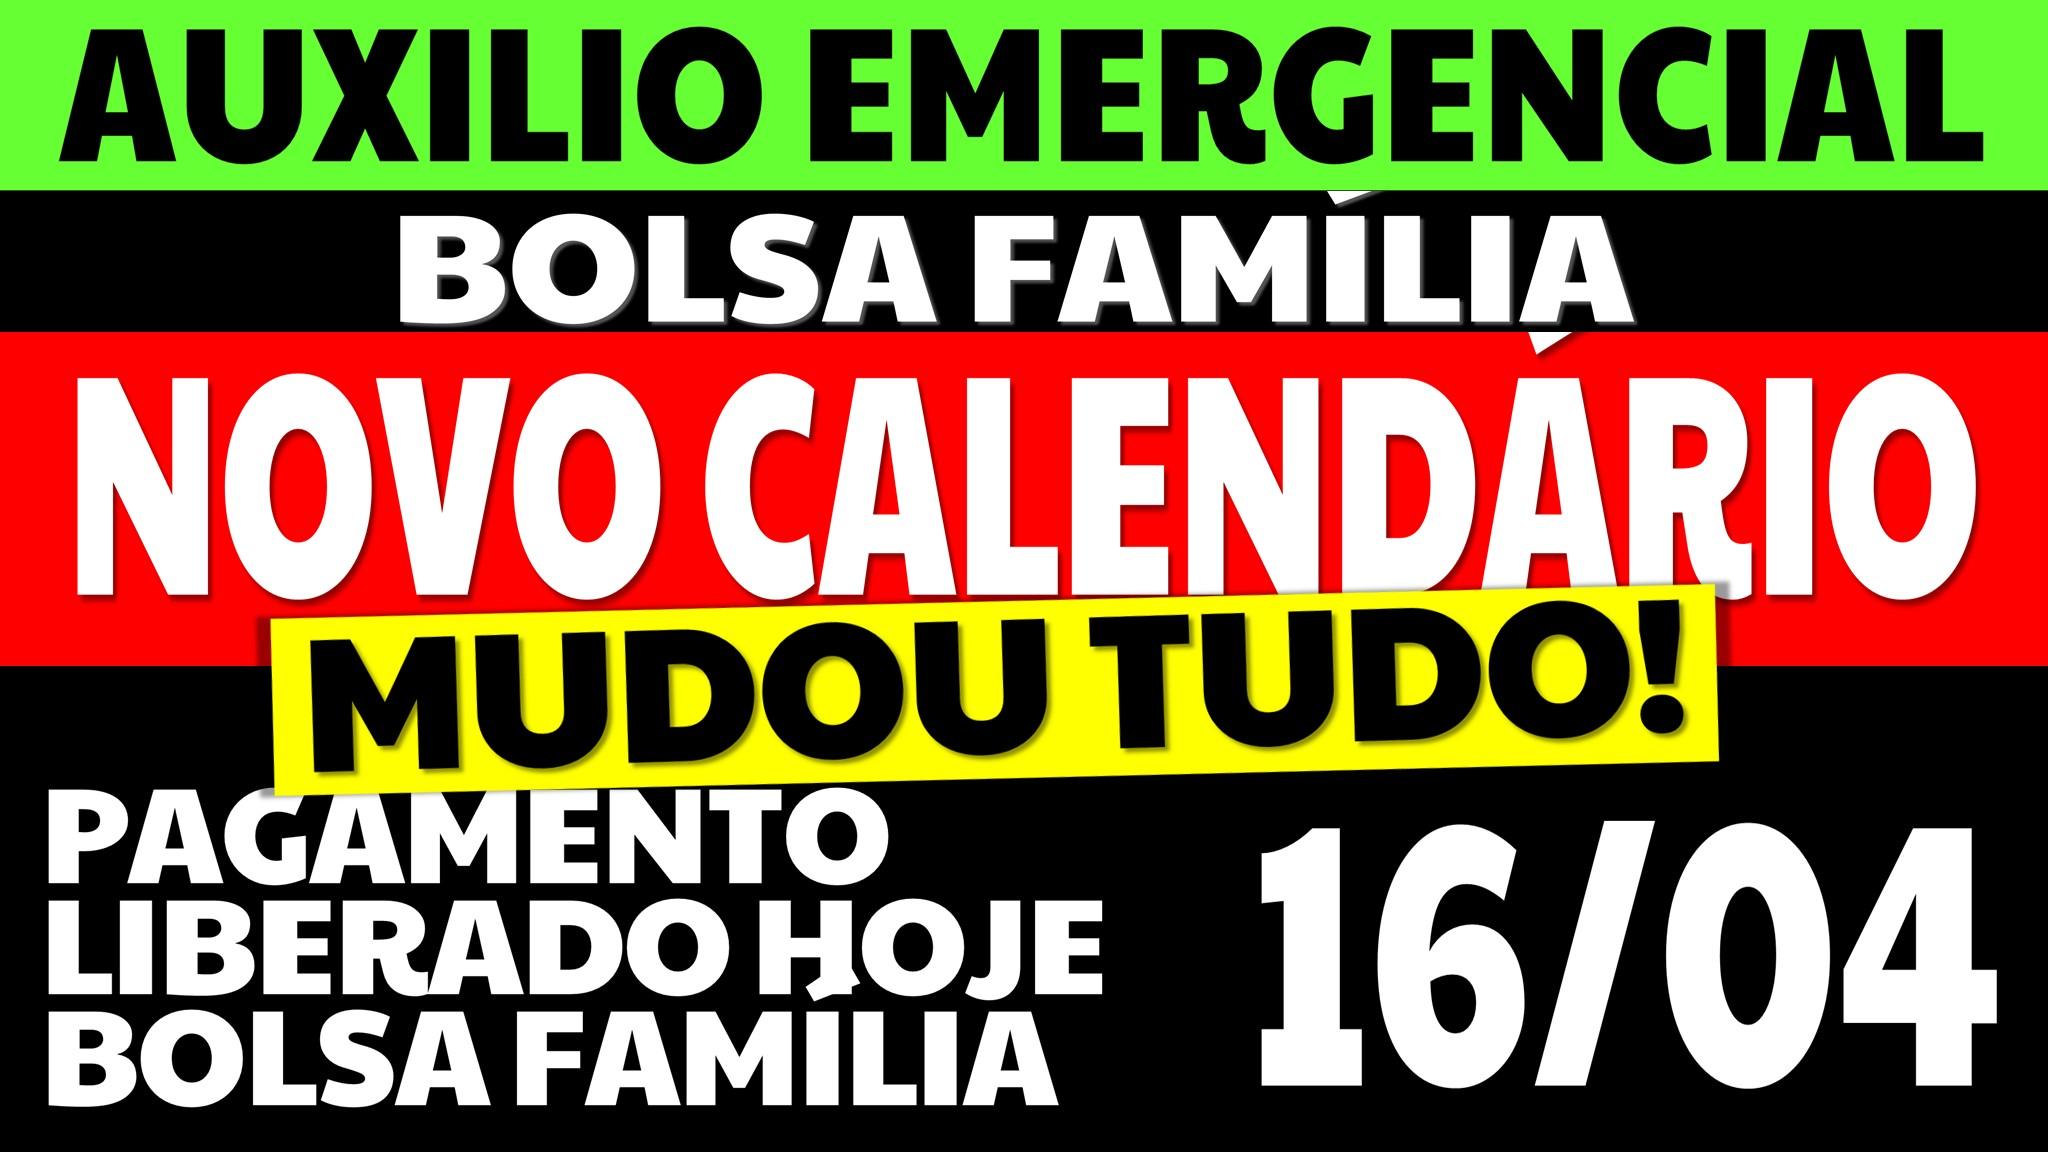 NOVO CALENDÁRIO AUXÍLIO EMERGENCIAL 2021 BOLSA FAMÍLIA 2021 AUXILIO EMERGENCIAL 2021 BOLSA FAMILIA 2021